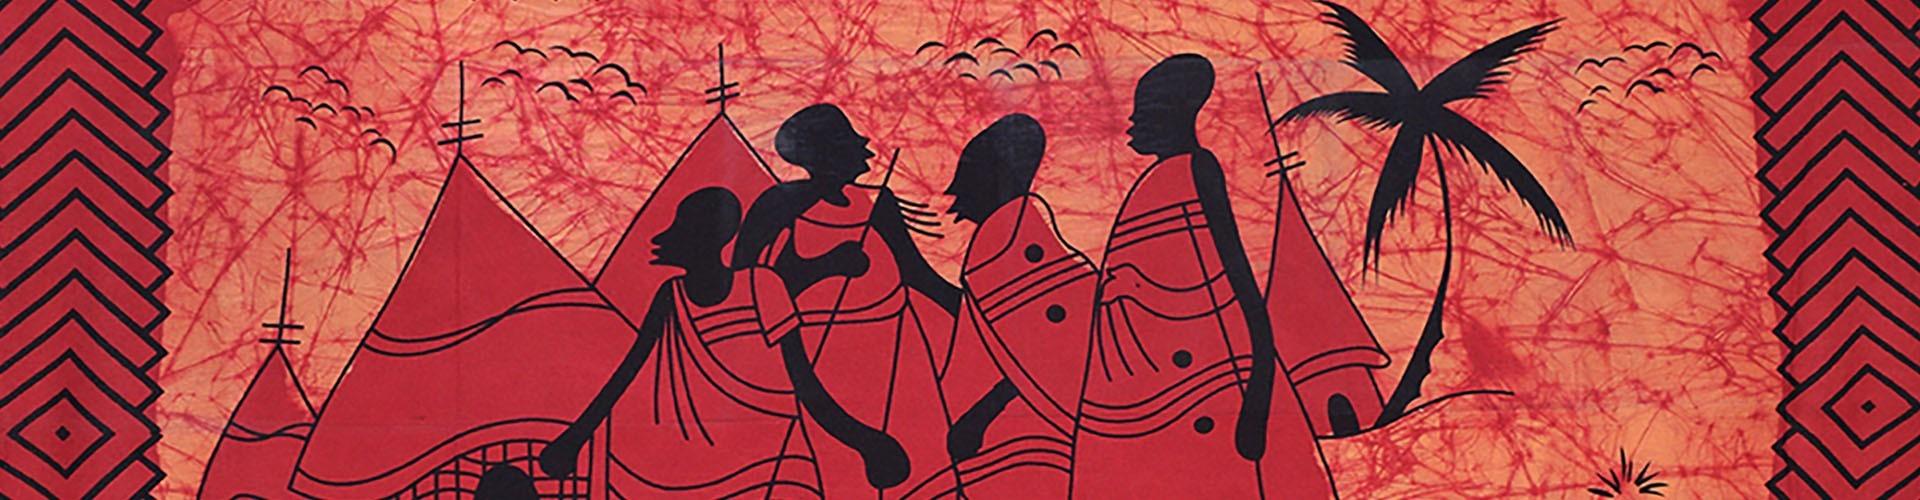 Tenture Africaine batik aux couleurs de l'Afrique, tenture africaine